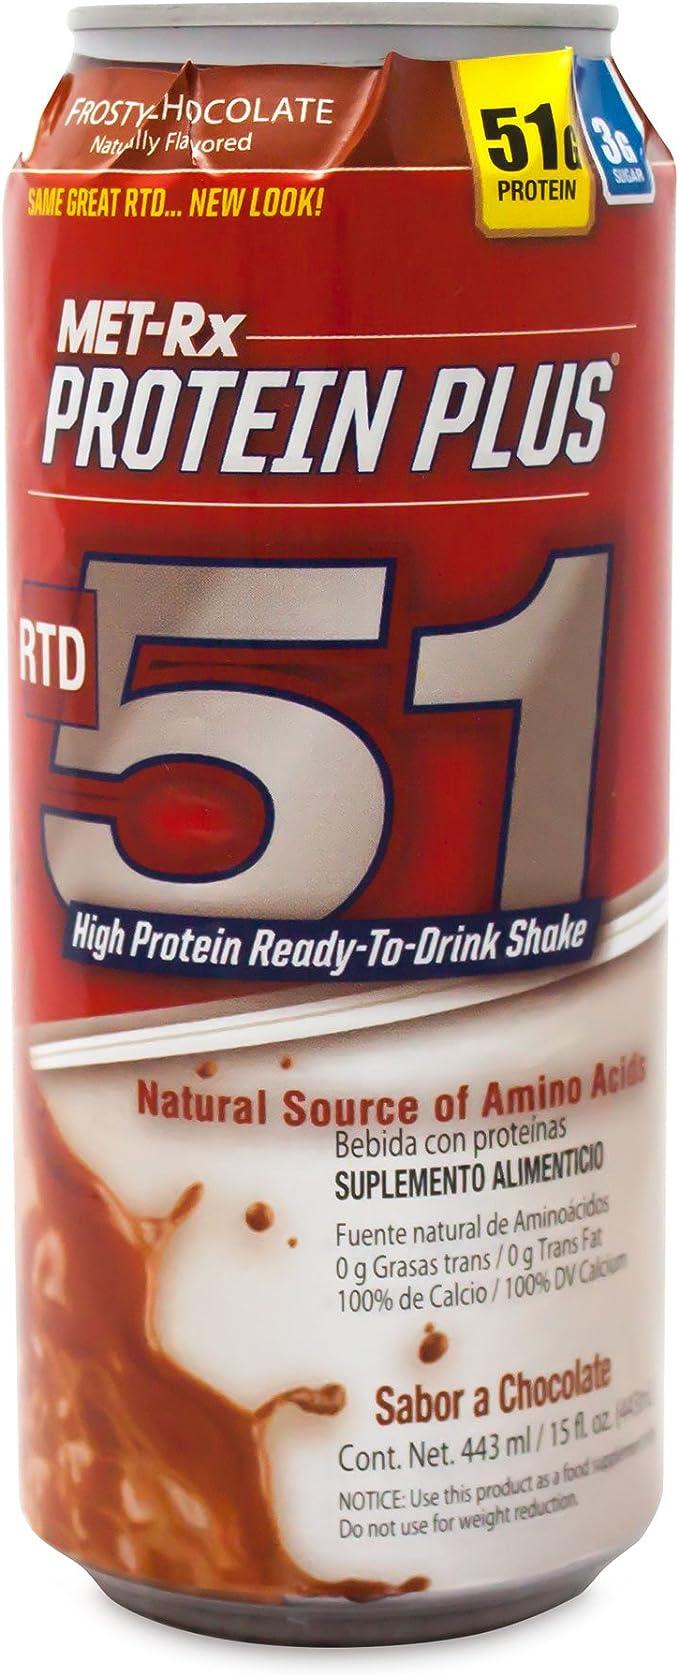 Met-Rx proteína Plus IDT 51, 15 oz (Pack de 12)